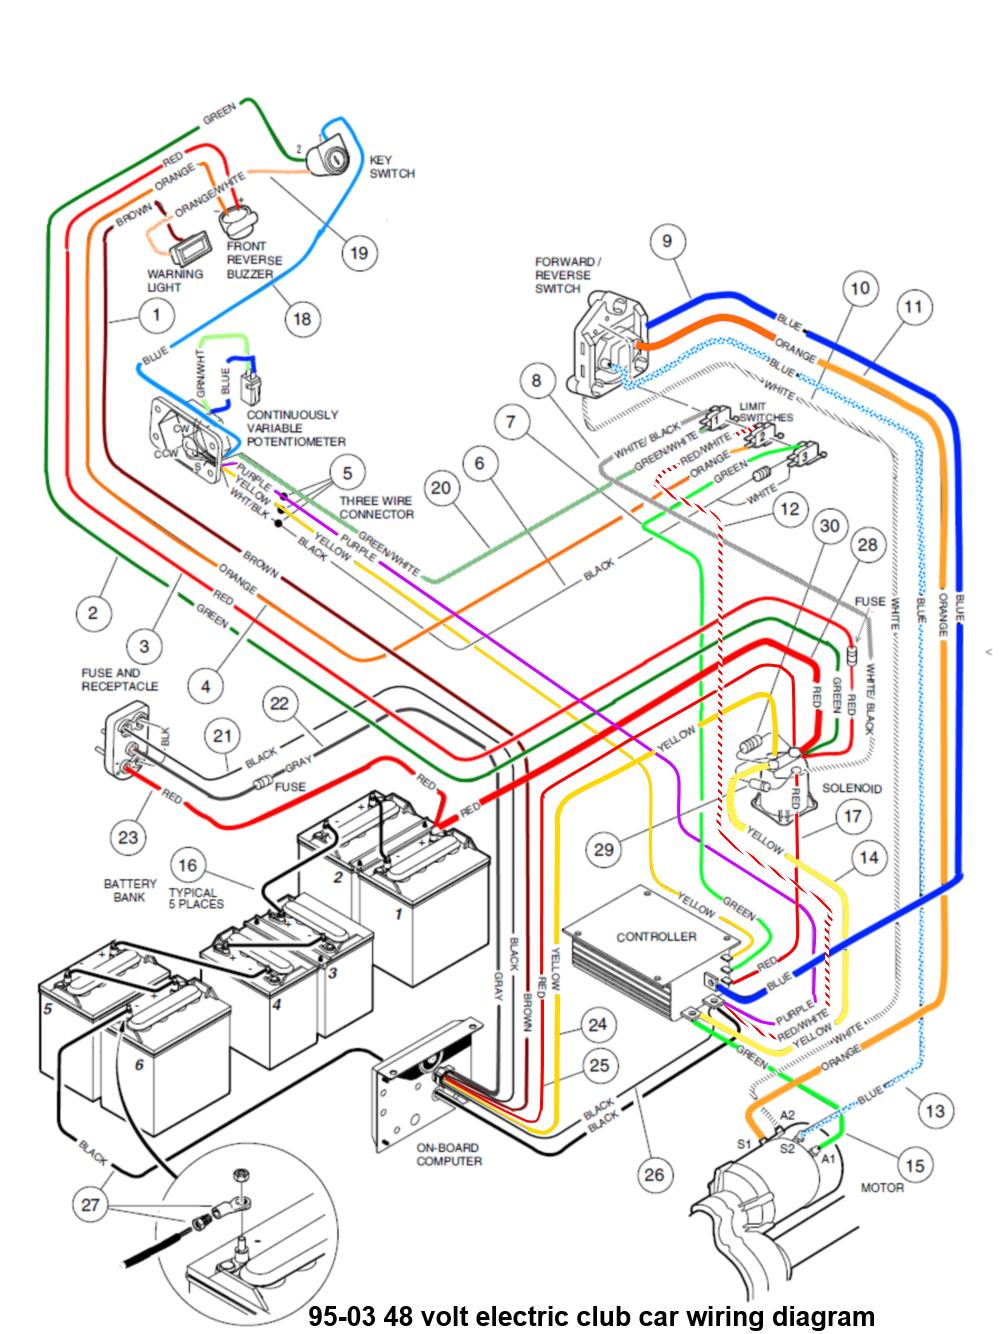 Wondrous Yamaha Gas Golf Cart Wiring Diagram Basic Electronics Wiring Diagram Wiring Cloud Vieworaidewilluminateatxorg